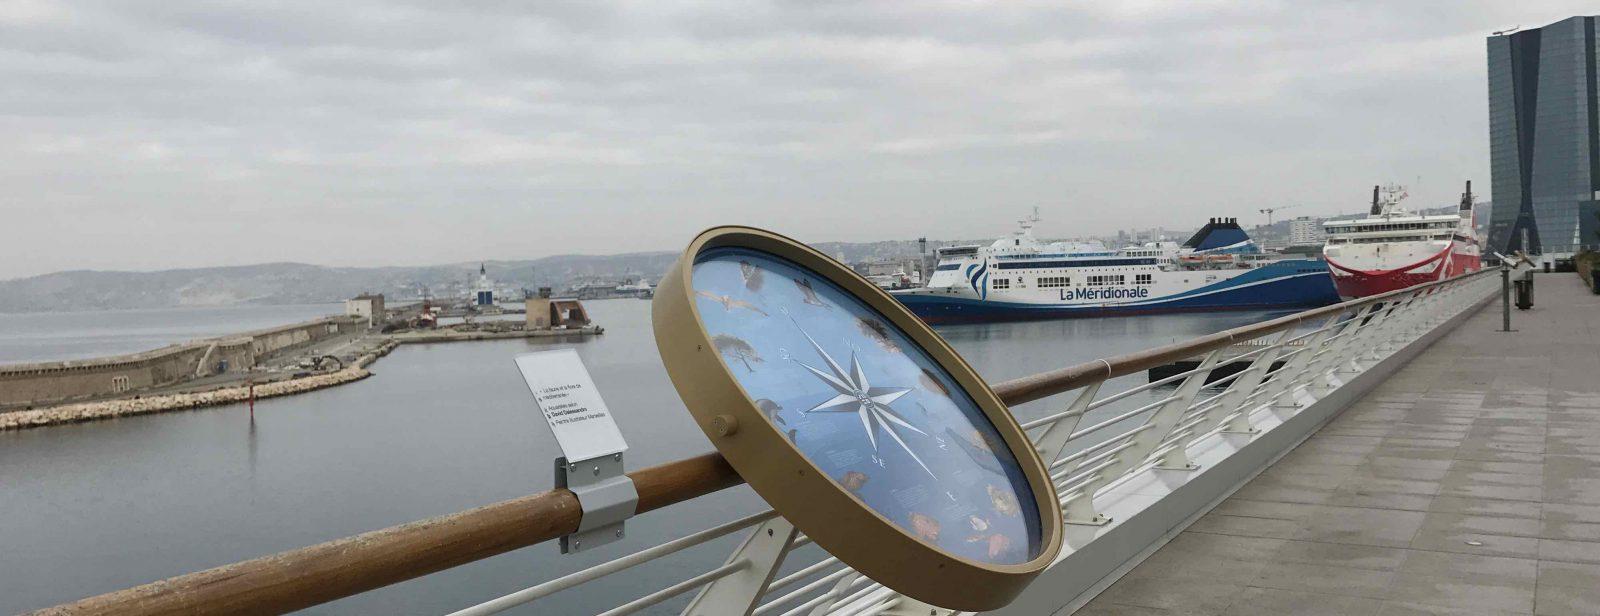 Marseille promenade sur Les terrasses du Port